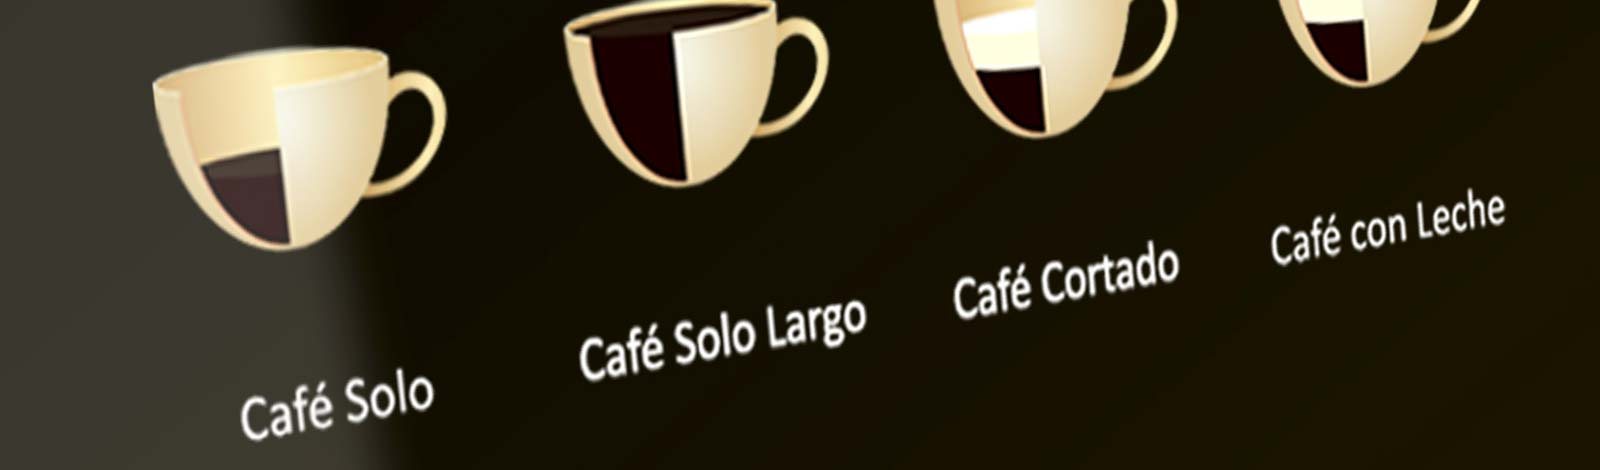 slider-cafe